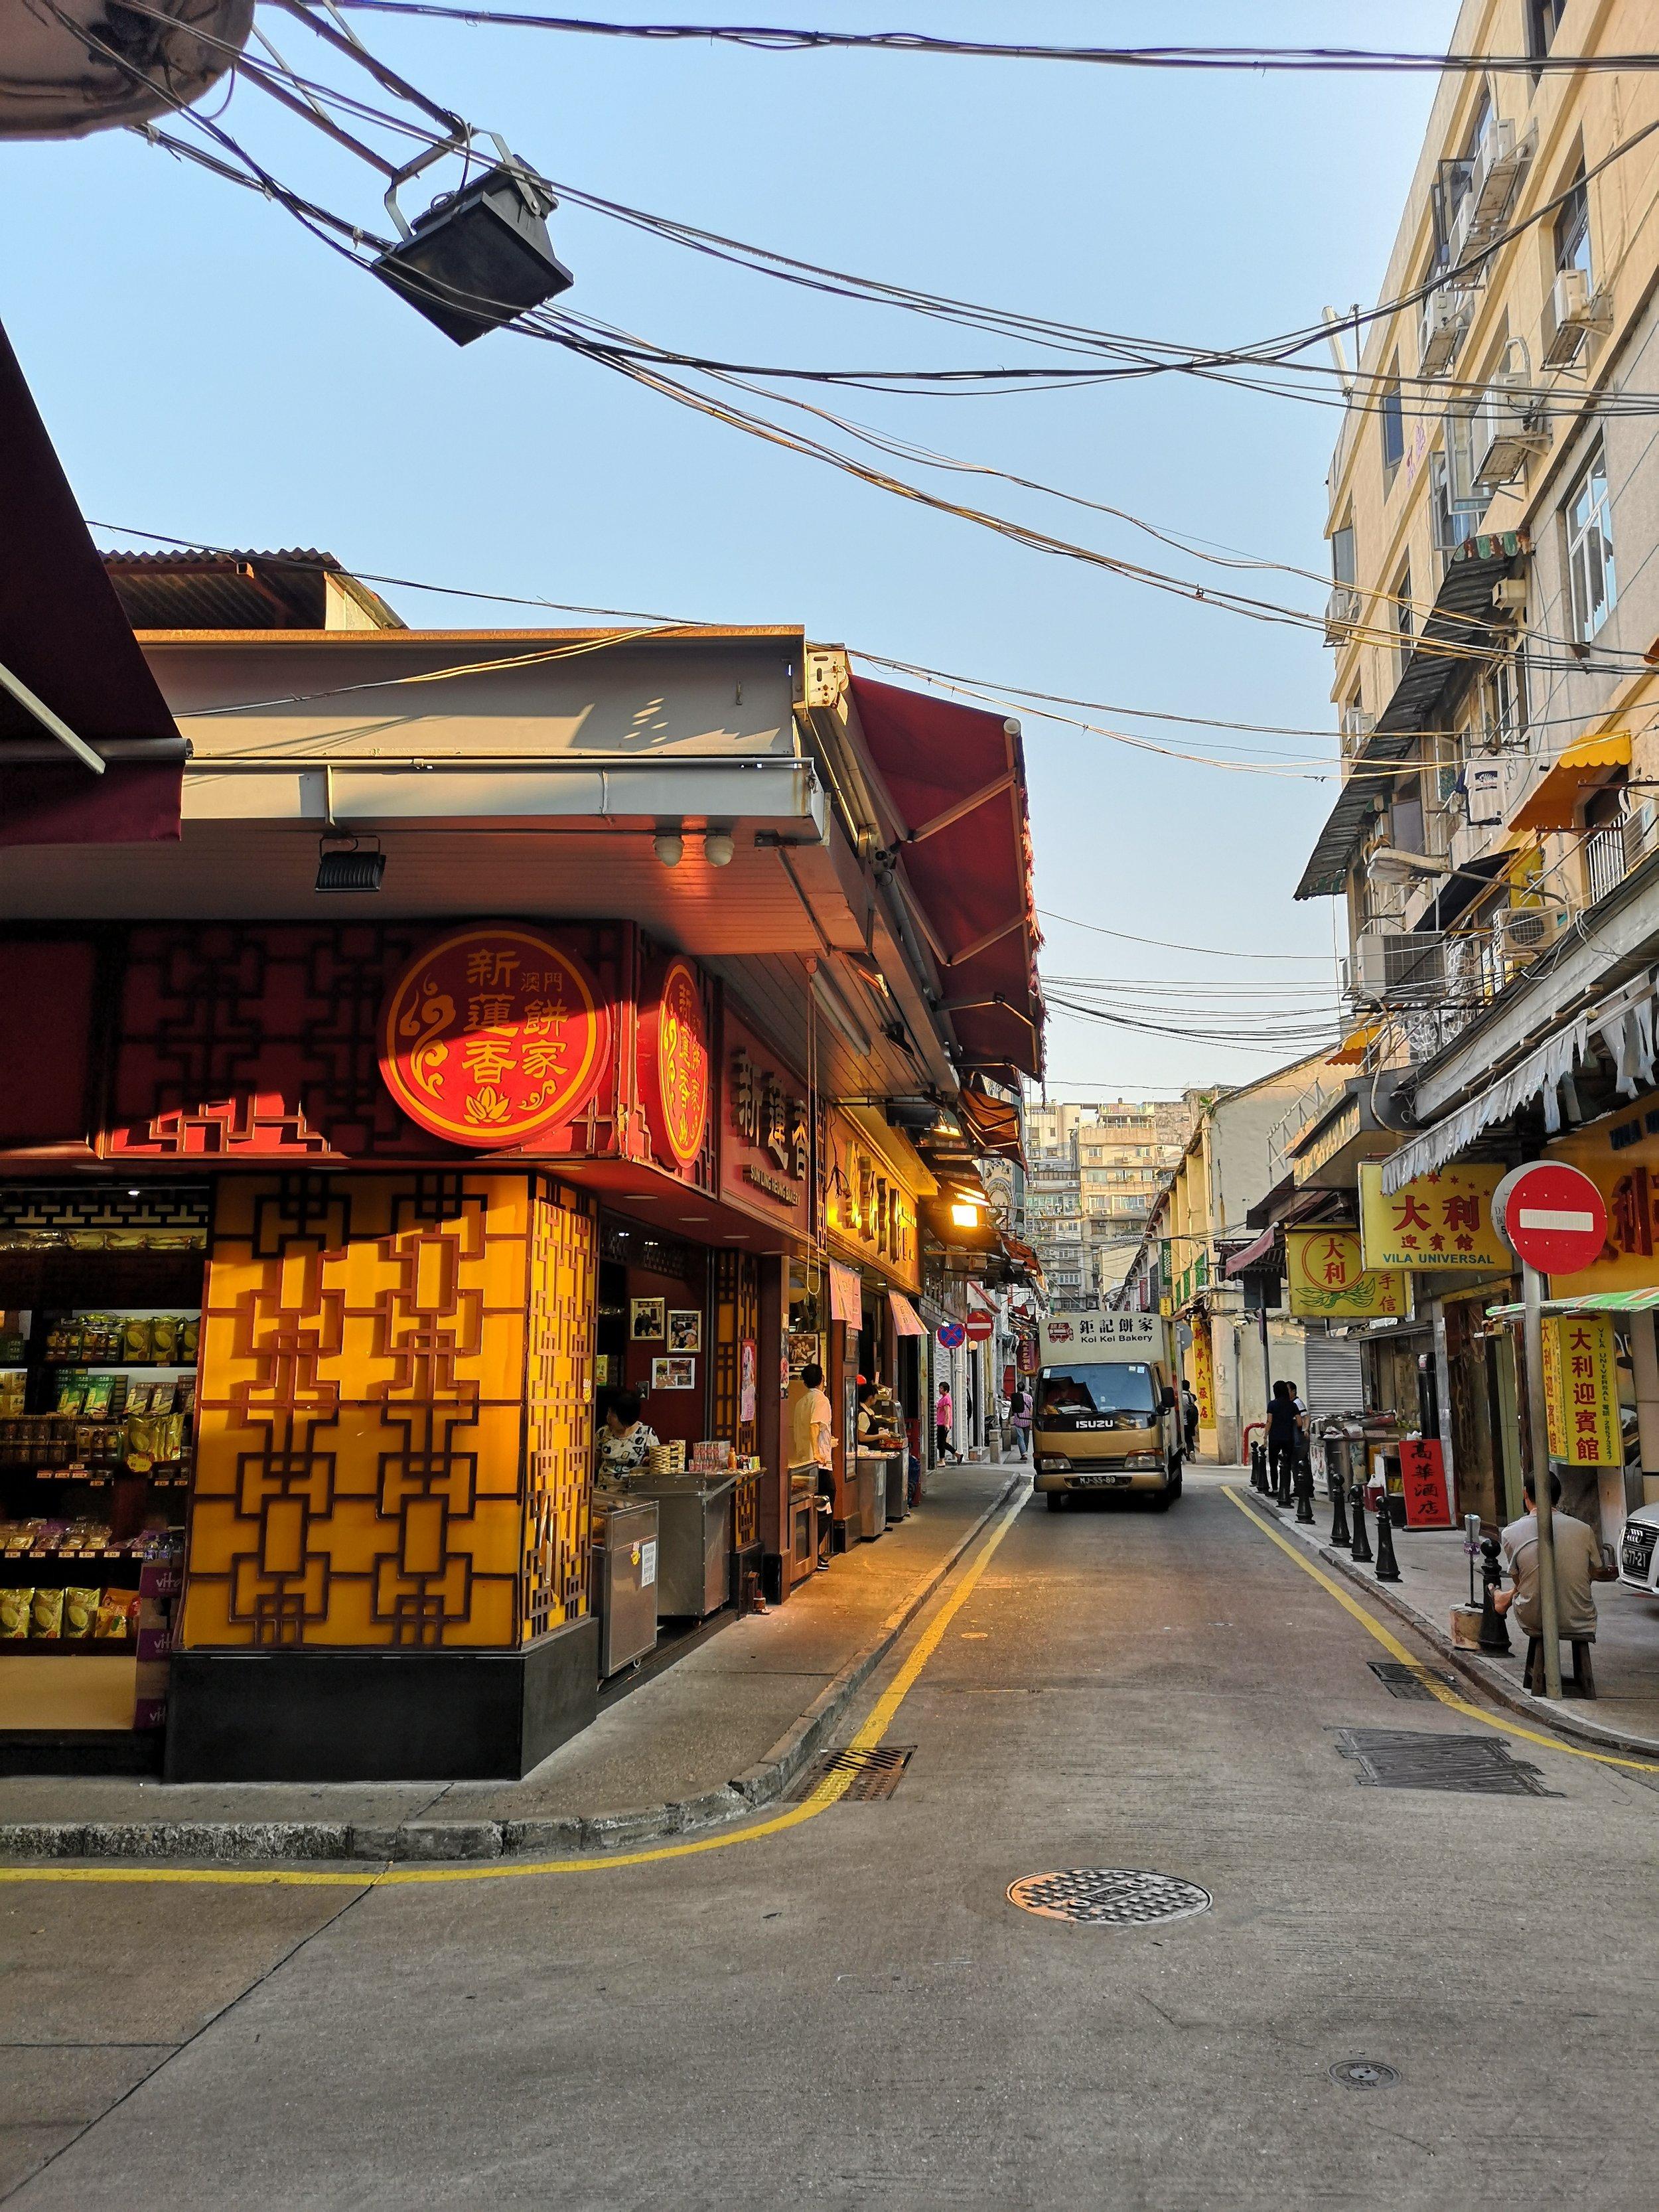 Street in Macau, where I stayed.